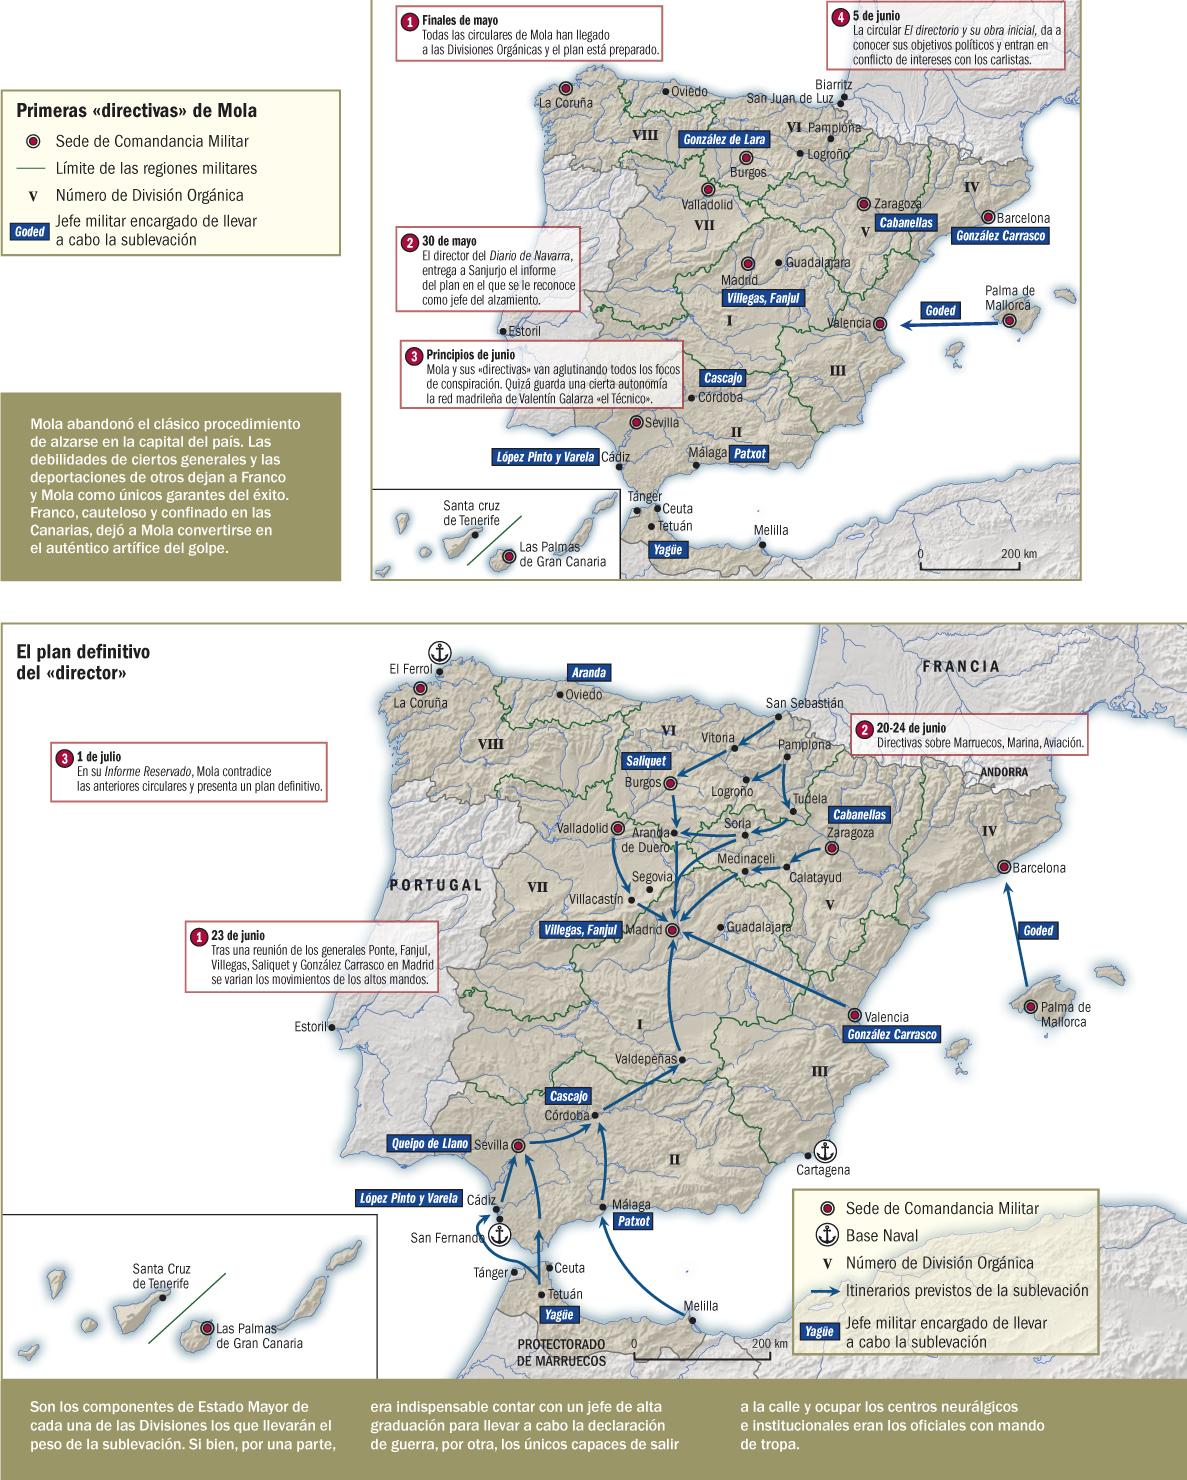 Mapas que representan los planes esbozados por Mola para dar el Golpe de Estado que derribase a la Segunda República.